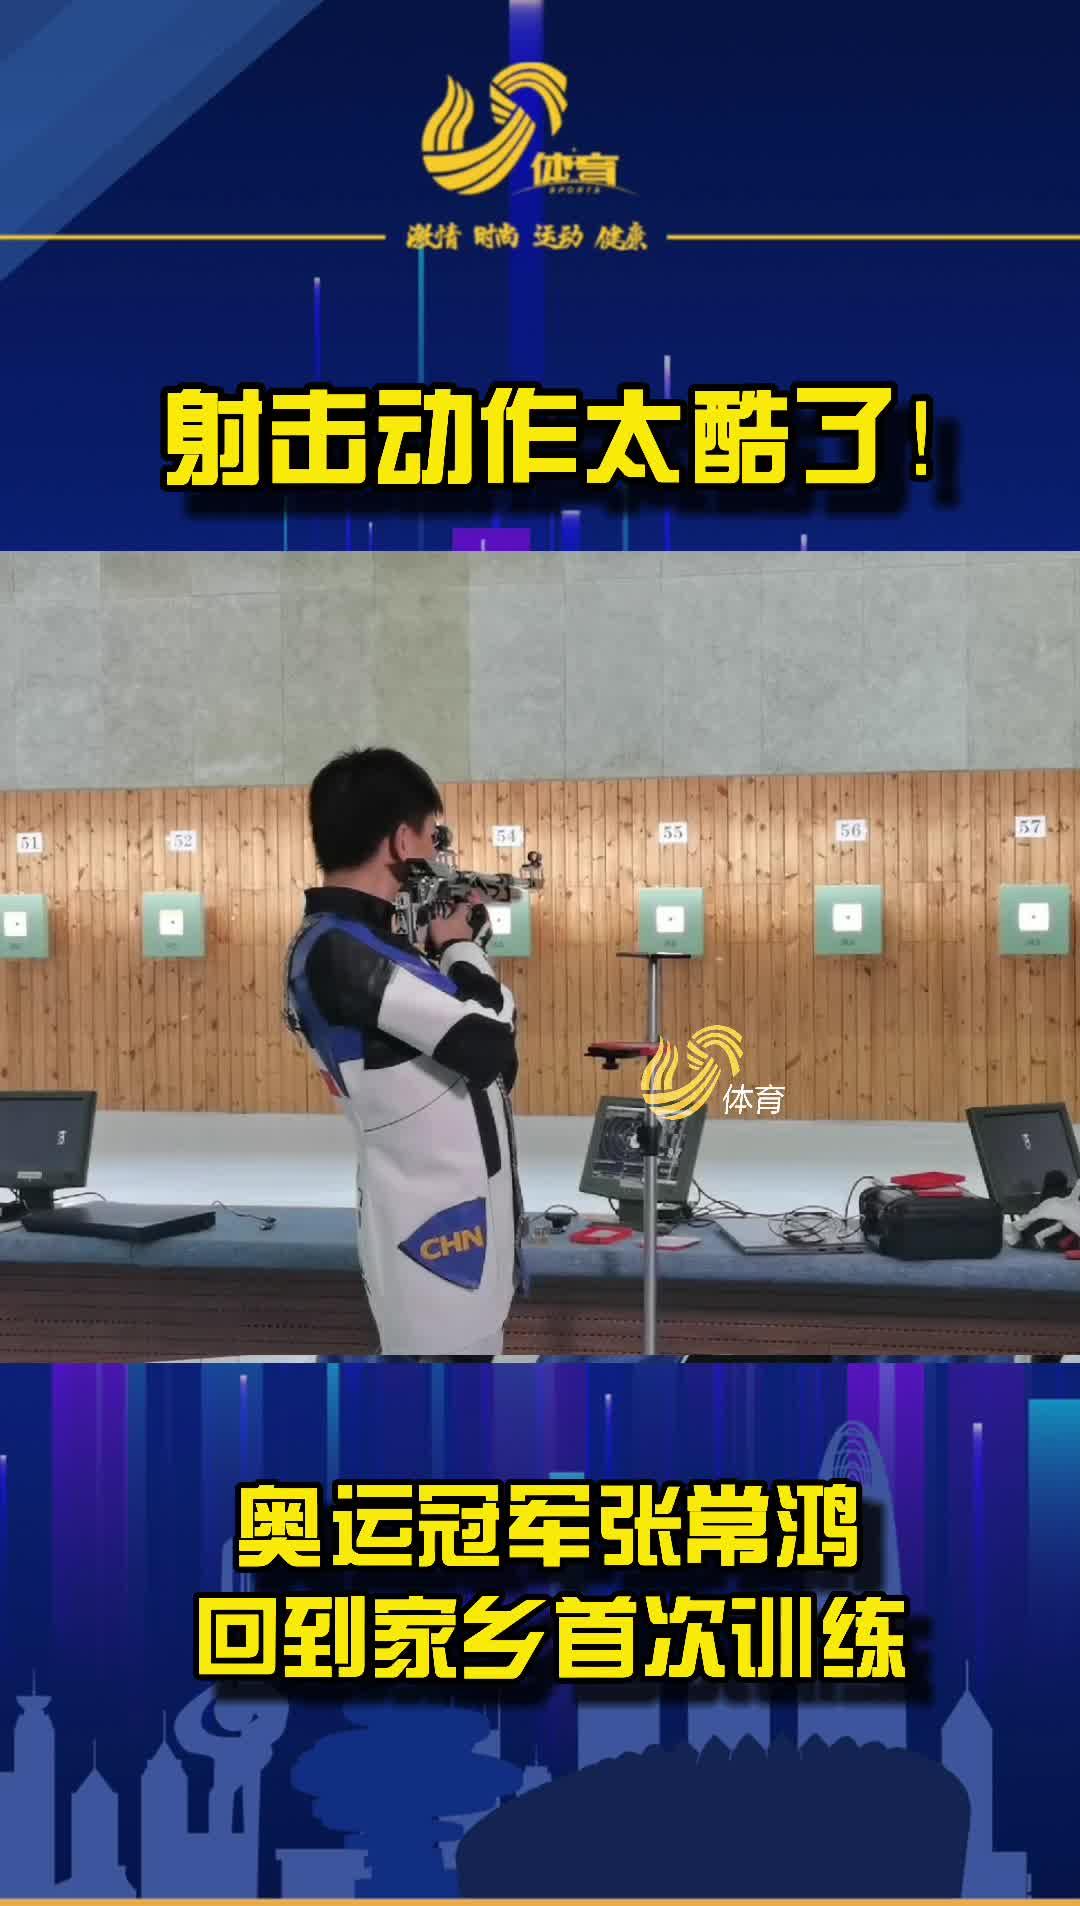 这射击动作也太帅了!奥运冠军张常鸿回济首次训练